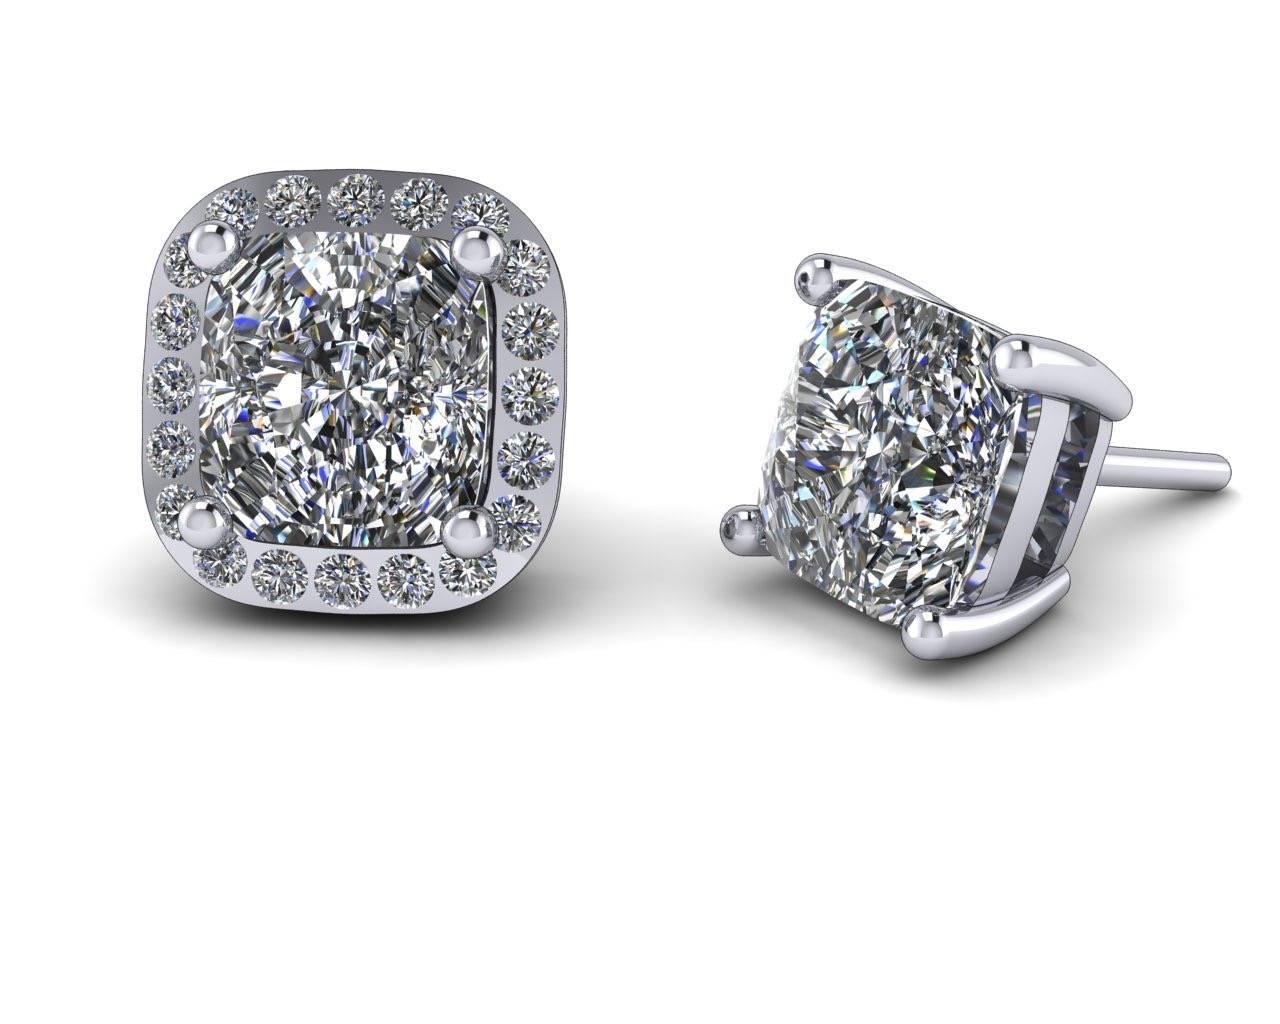 Aayraa jewels - Juwelen - House of Weddings - 21